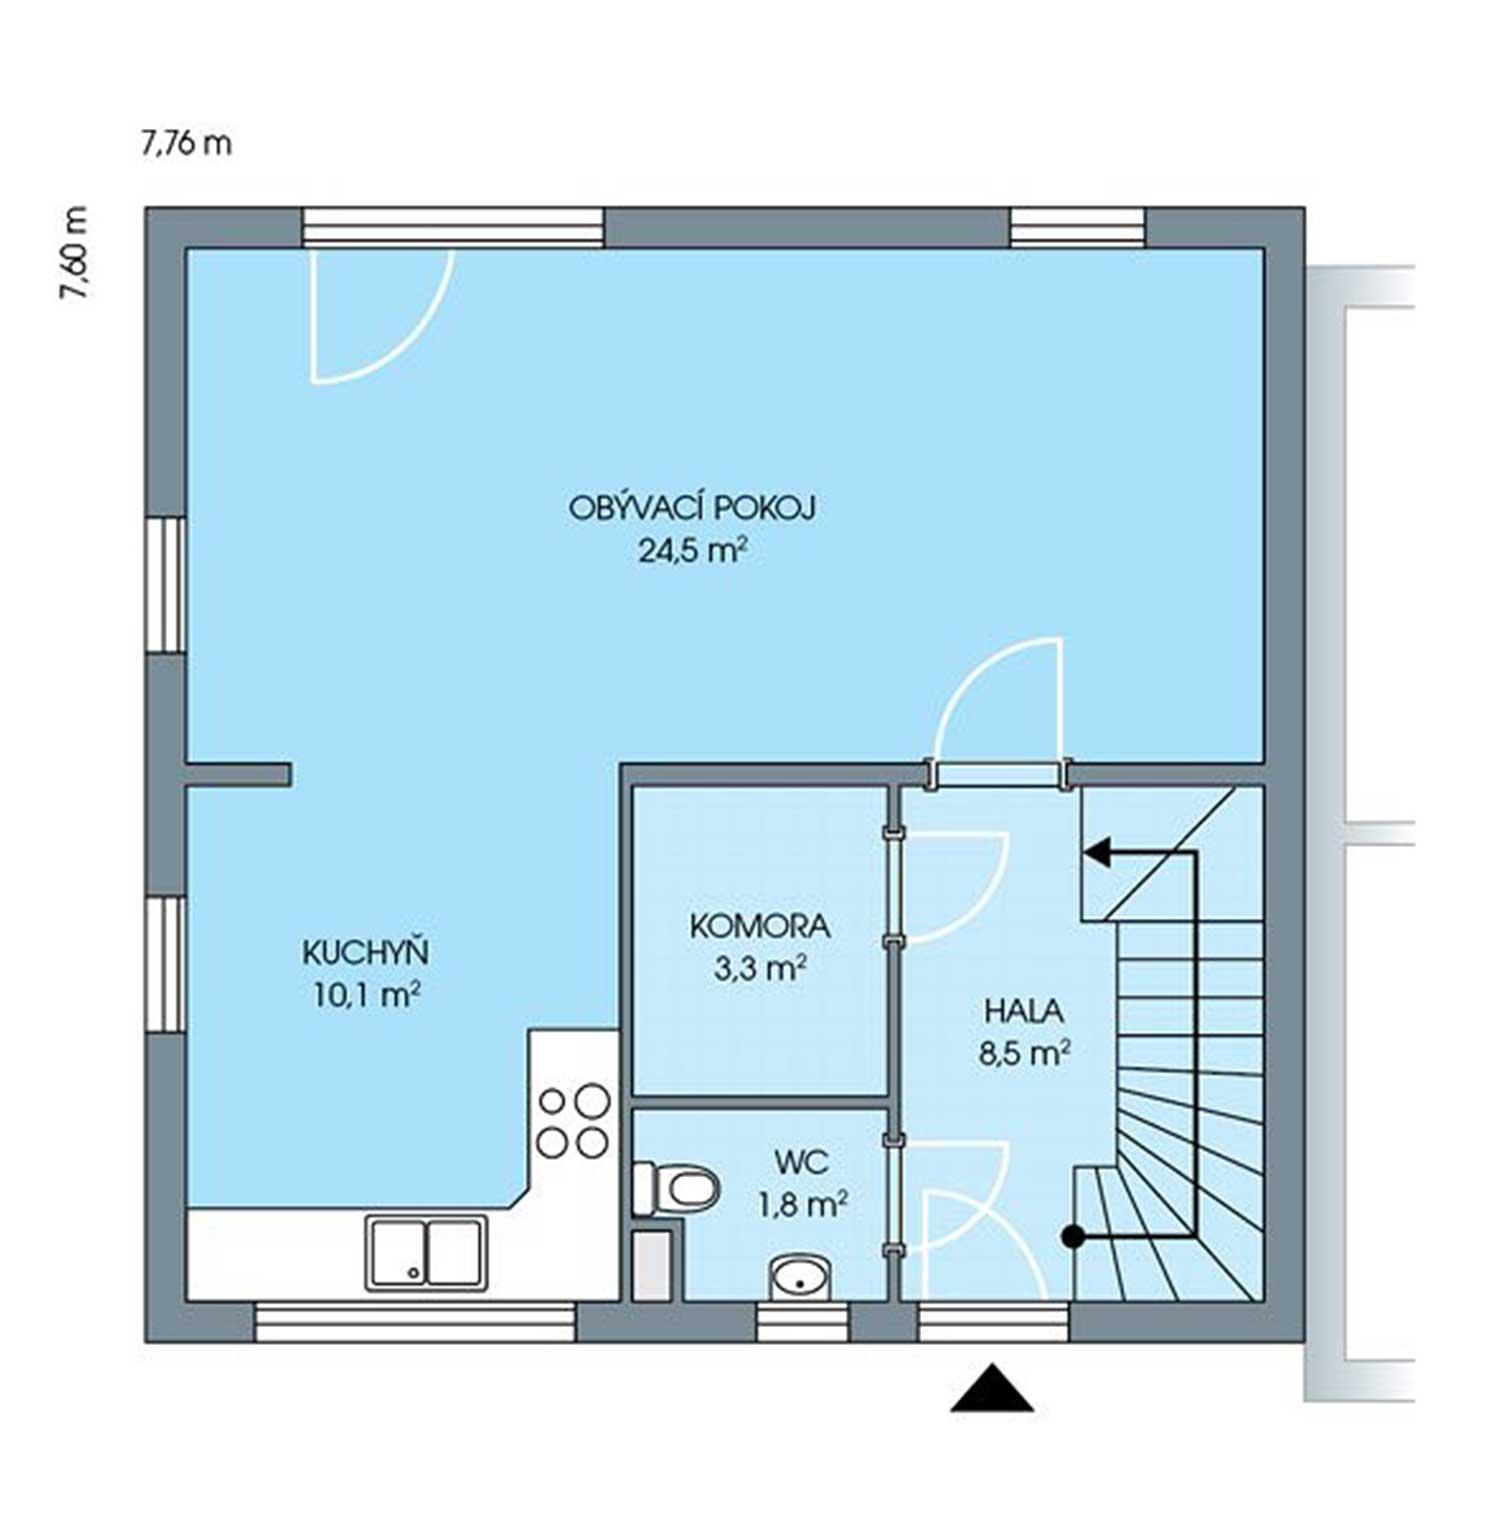 Obrázek podlaží domu